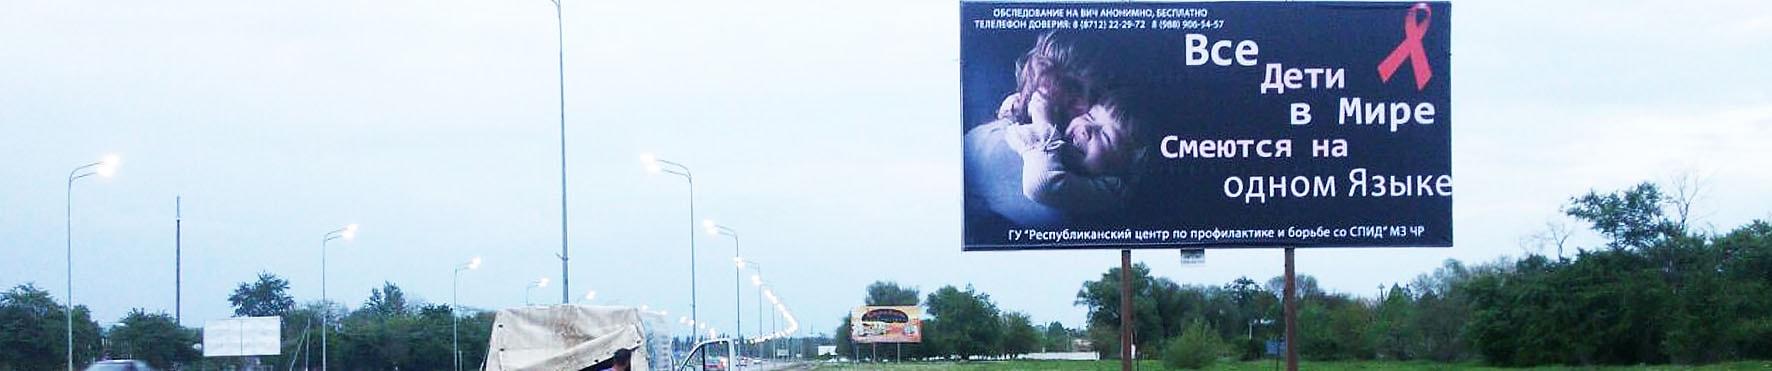 3х6 щиты в Грозном Чечня